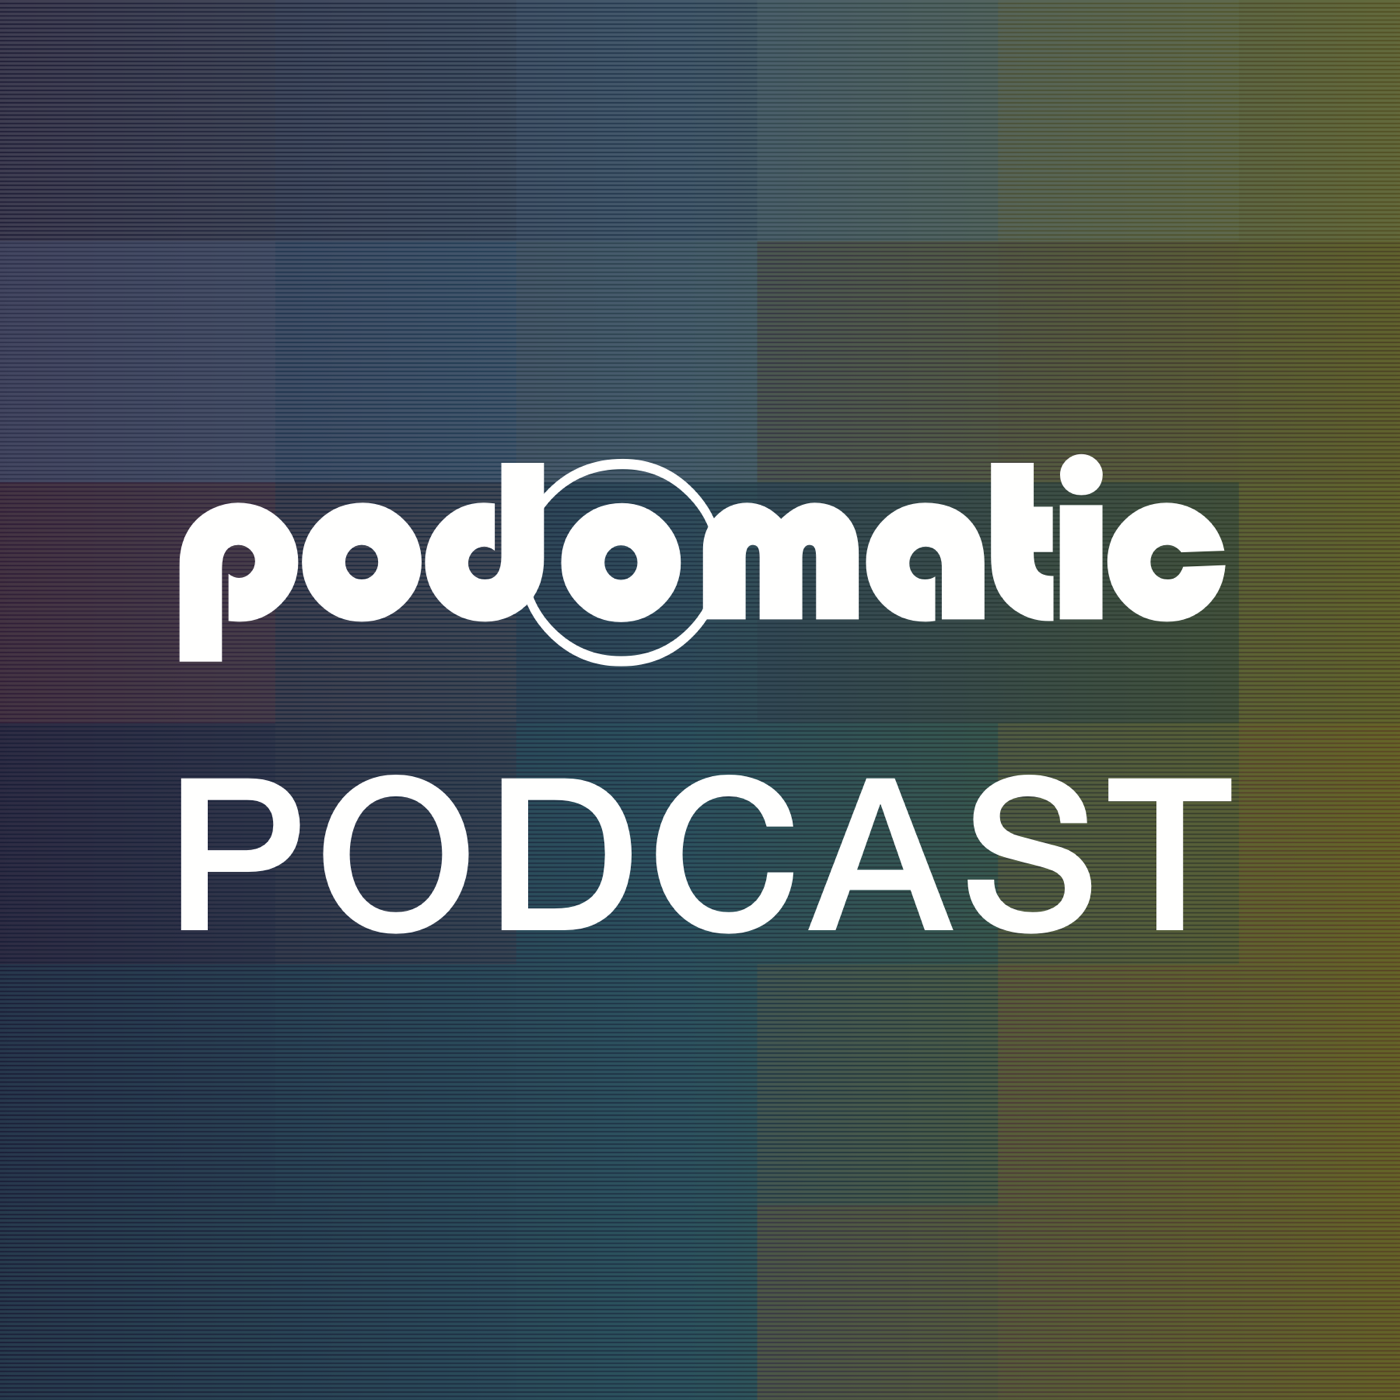 margarita cerda ojeda's Podcast